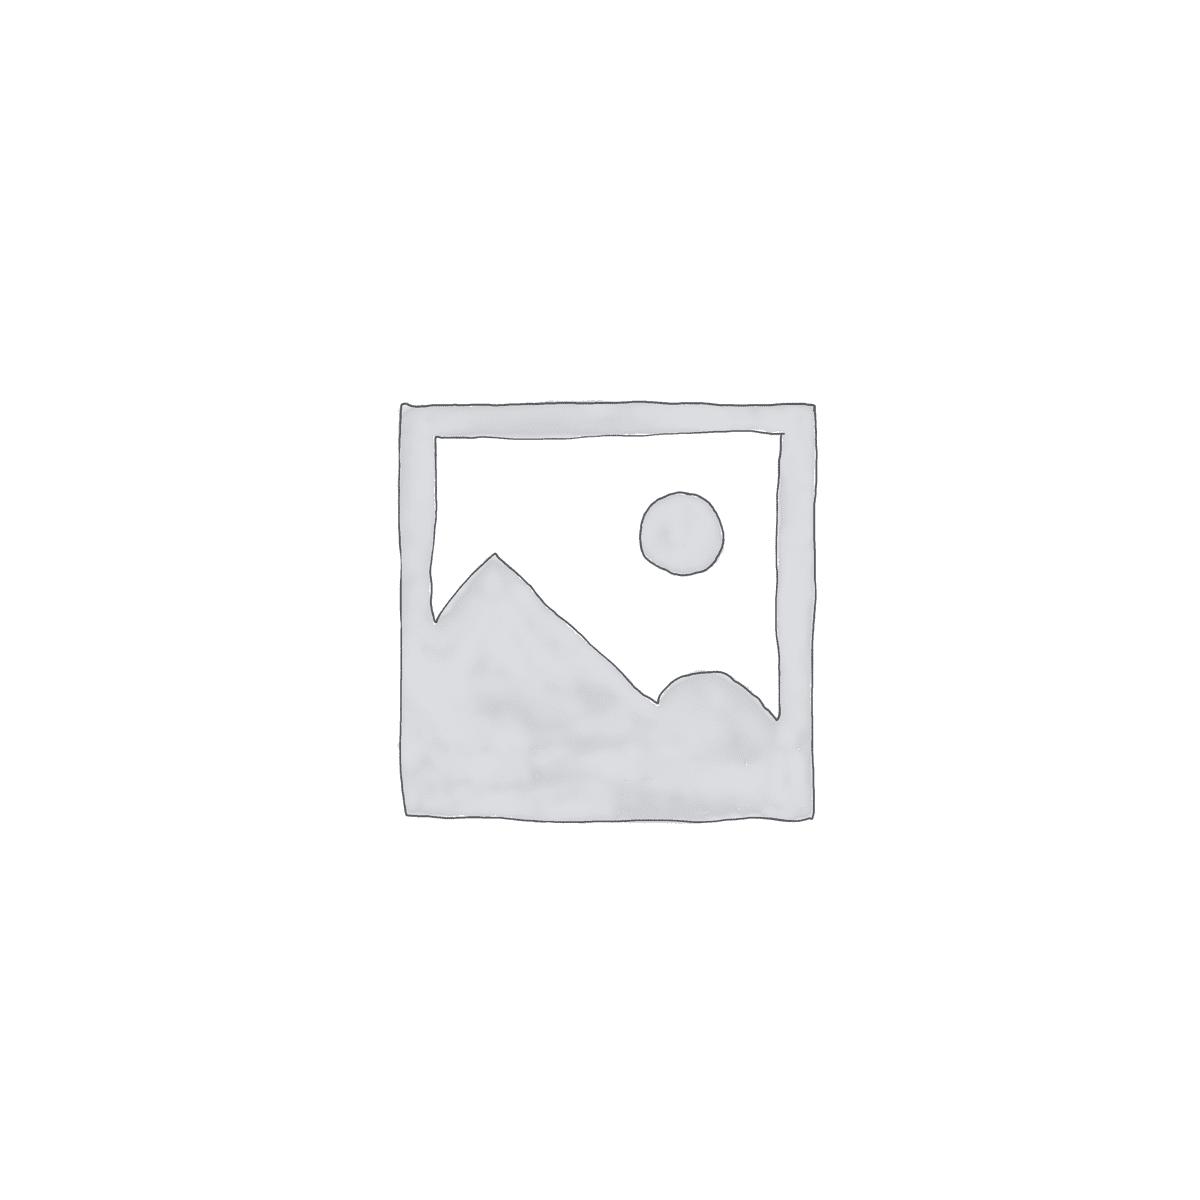 Tấm ốp gỗ nhựa phẳng TGI